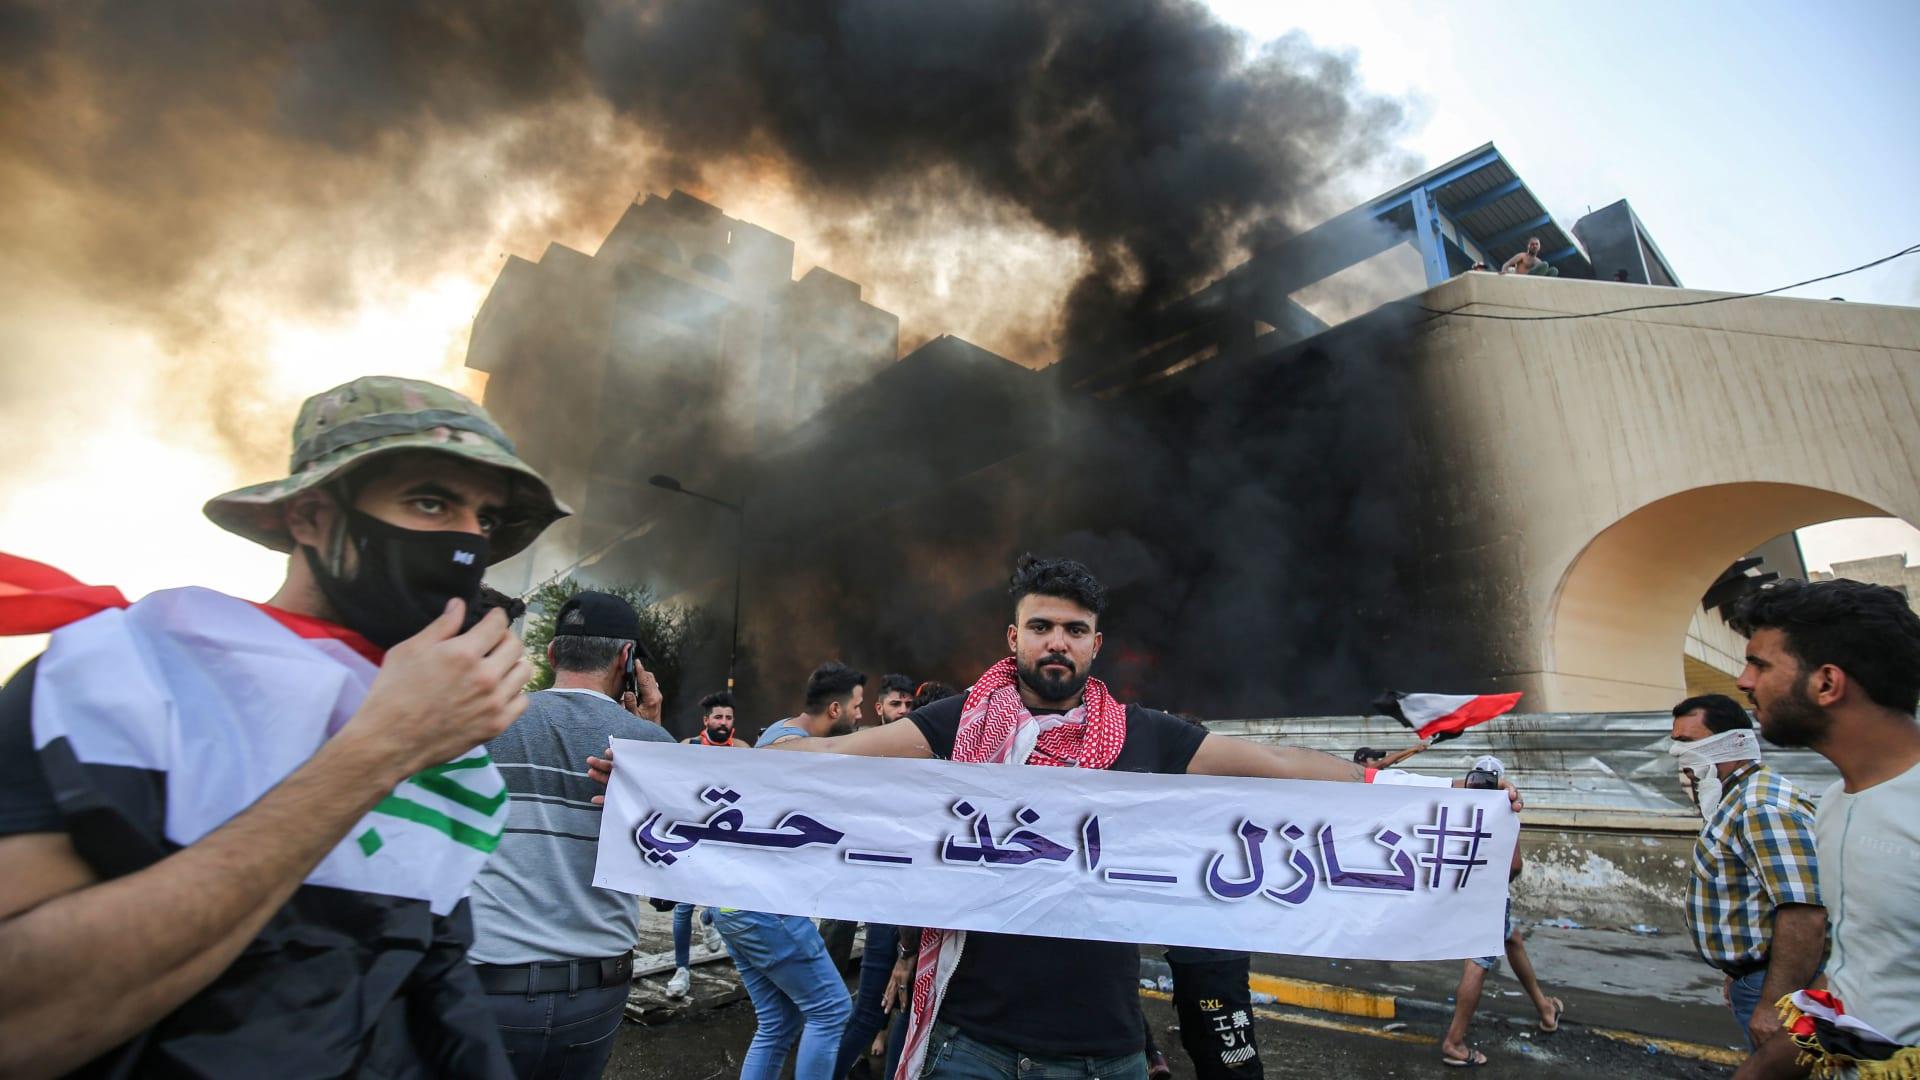 لحظة إلقاء أطنان من المتفجرات على مواقع لداعش في العراق